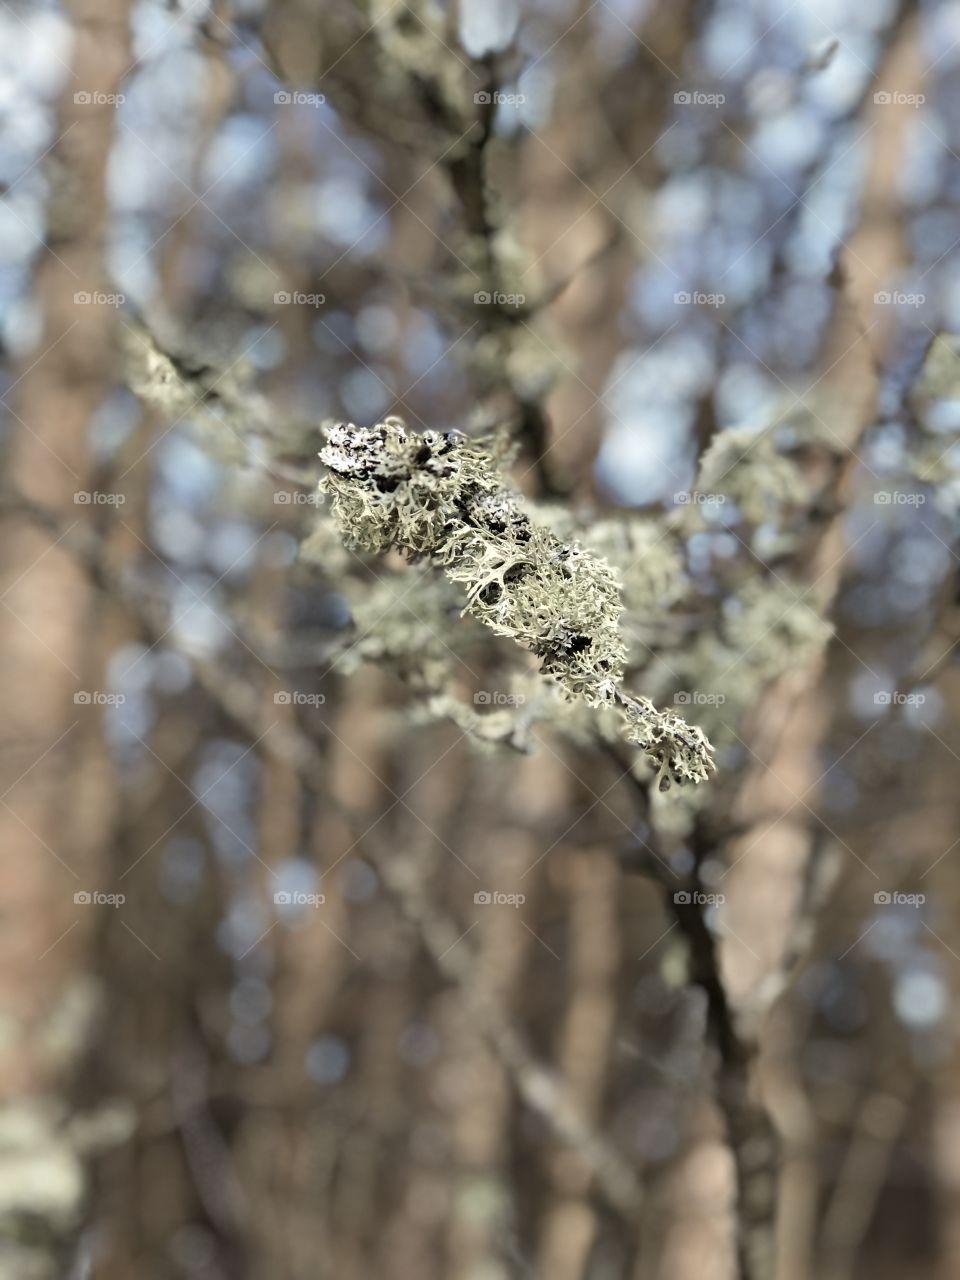 Lichen on a branch